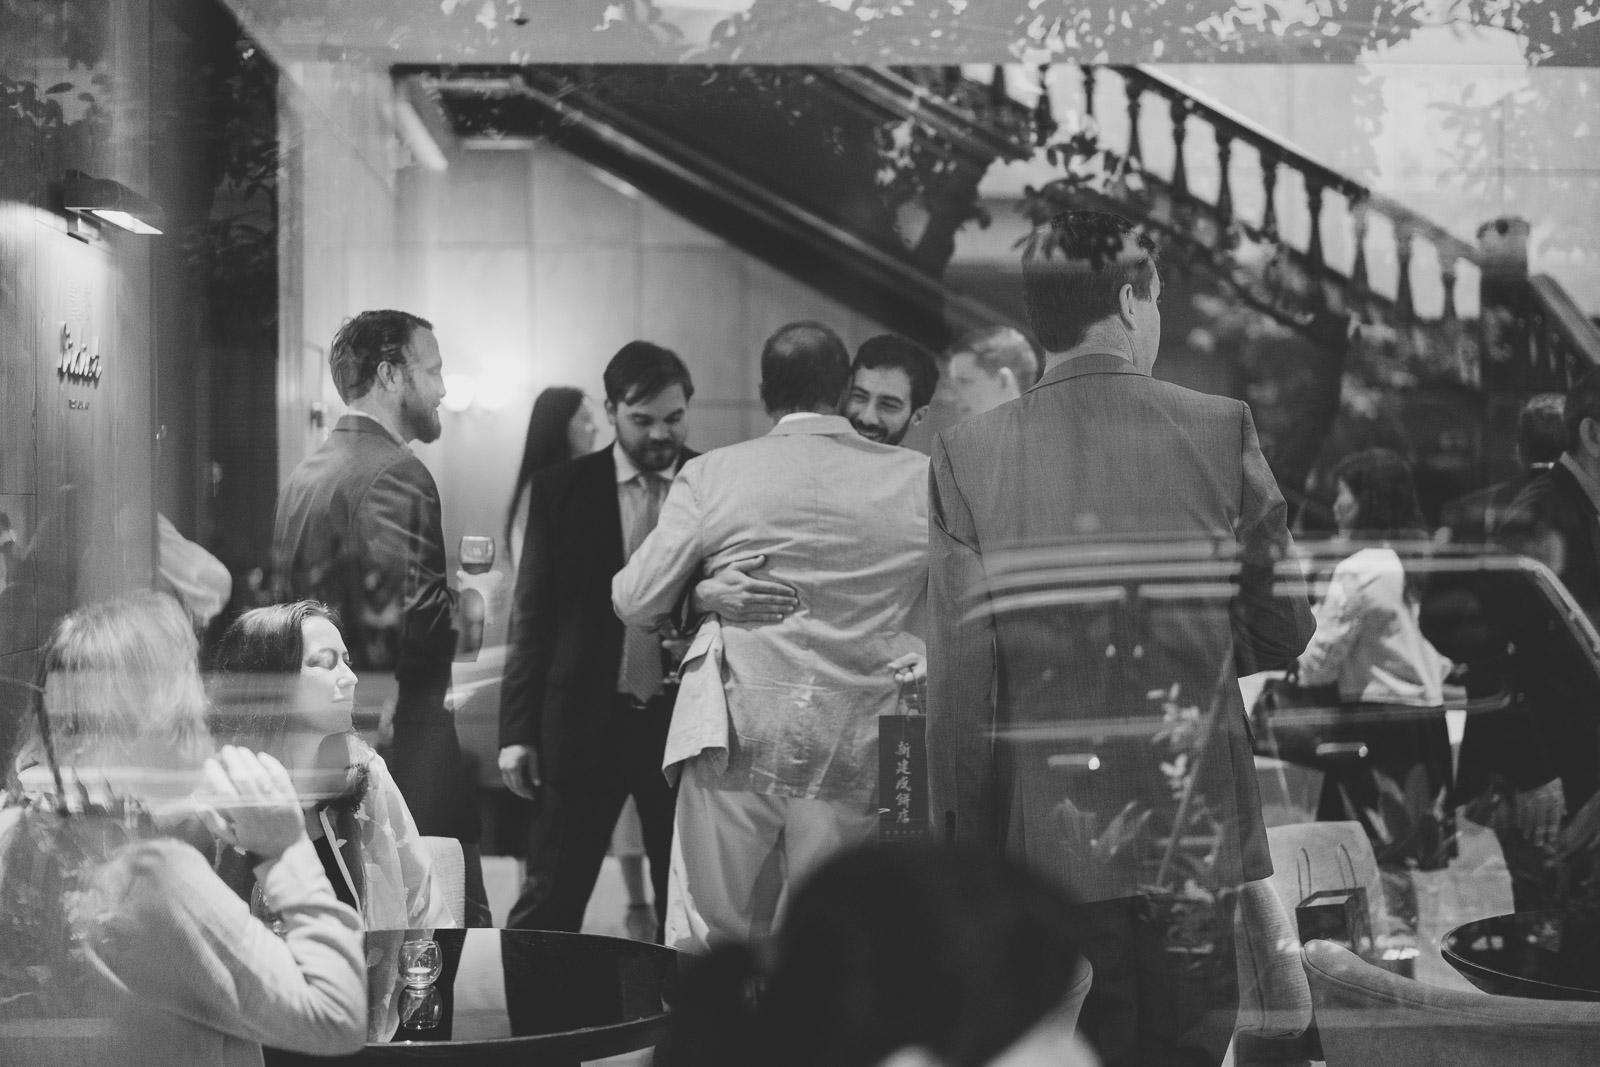 婚禮攝影,黑白攝影,bw,wedding photo